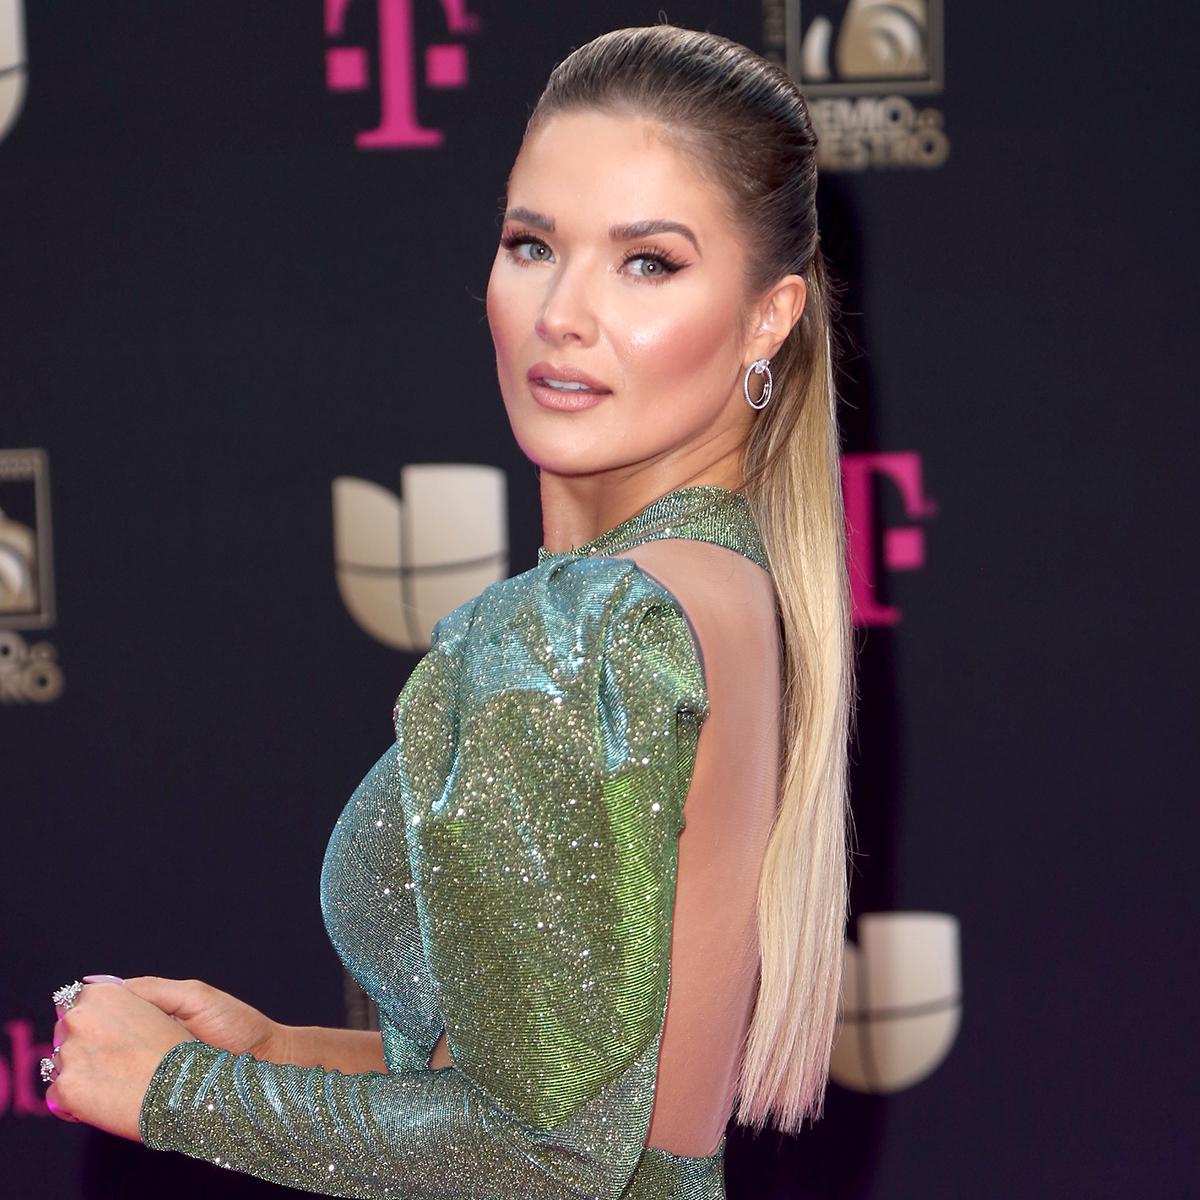 Kimberly Dos Ramos, premio lo nuestro, 2020, mejores looks de belleza